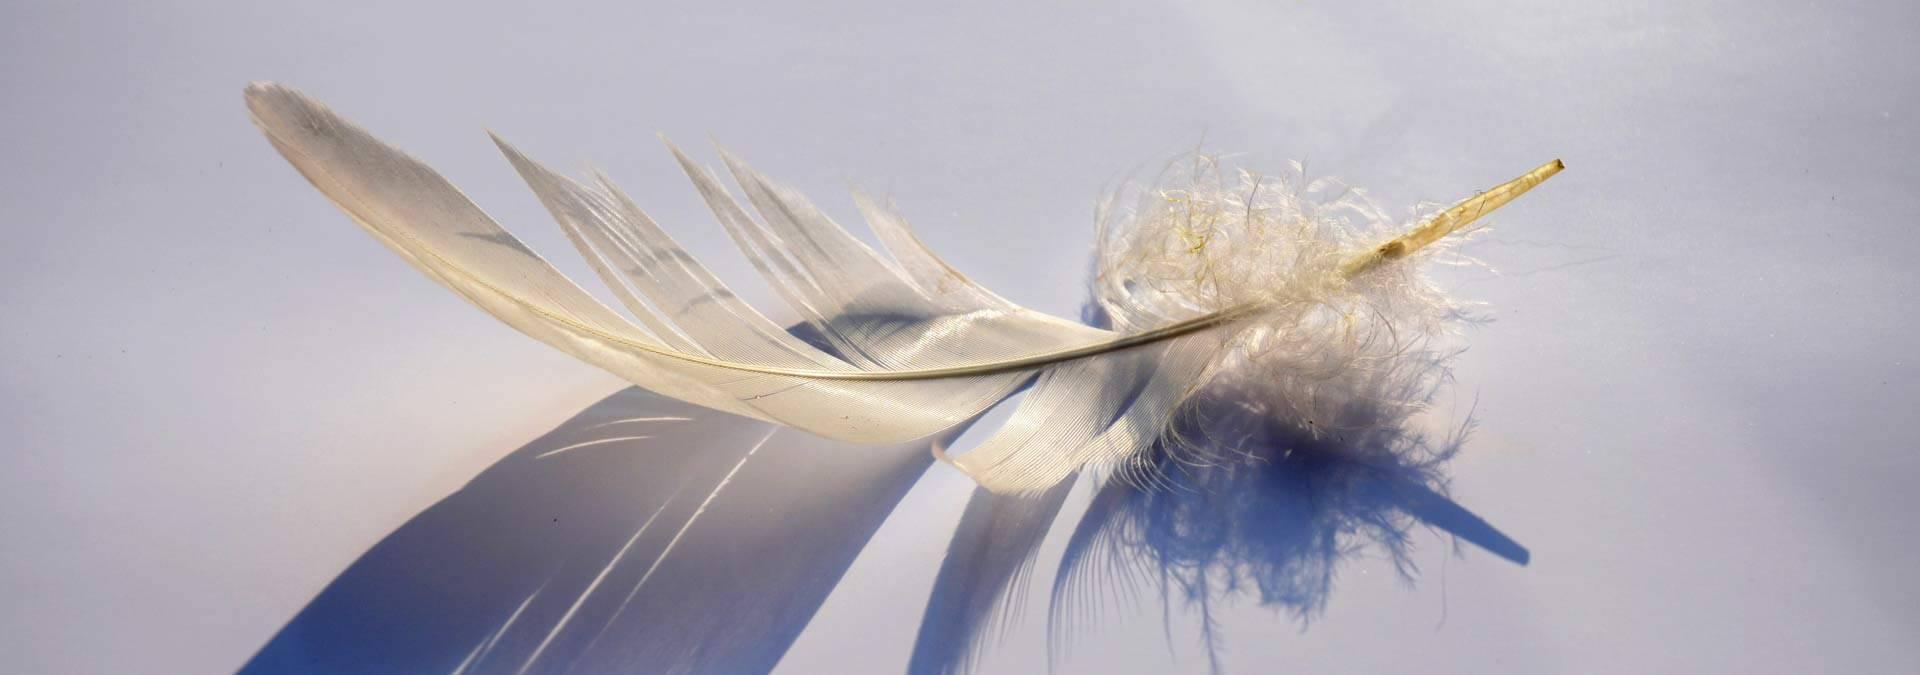 spreuken en wijsheden leven Spreuken over loslaten voor een Lichter Leven   Hét  spreuken en wijsheden leven